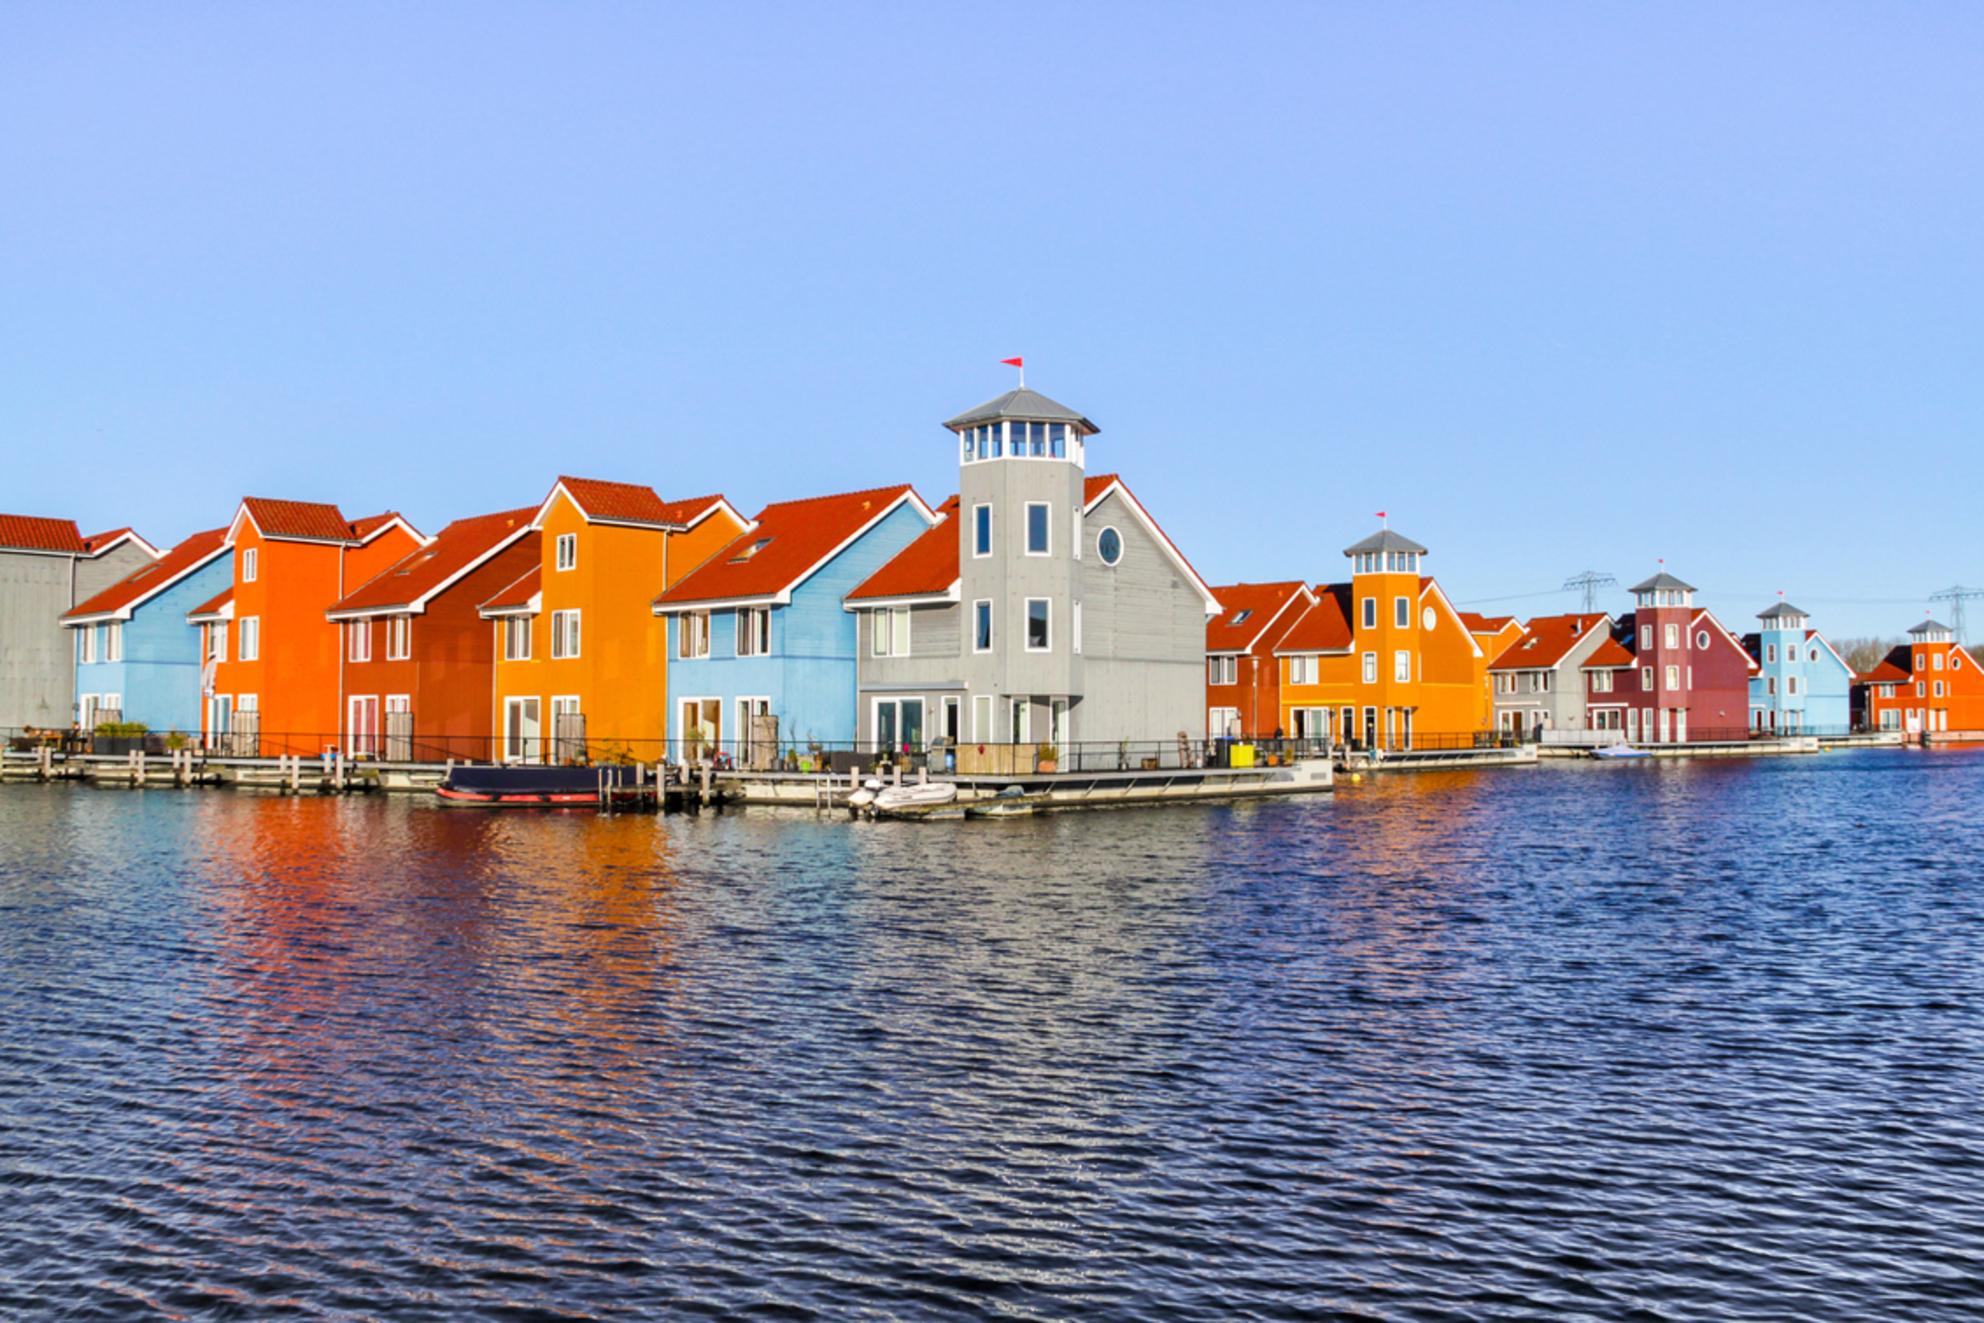 Colourful Houses - Groningen - - - foto door rg7d op 07-01-2018 - deze foto bevat: architectuur, reflection, blue, holland, urban, landscape, city, dutch, building, architecture, outside, reflect, outdoors, culture, multicolor